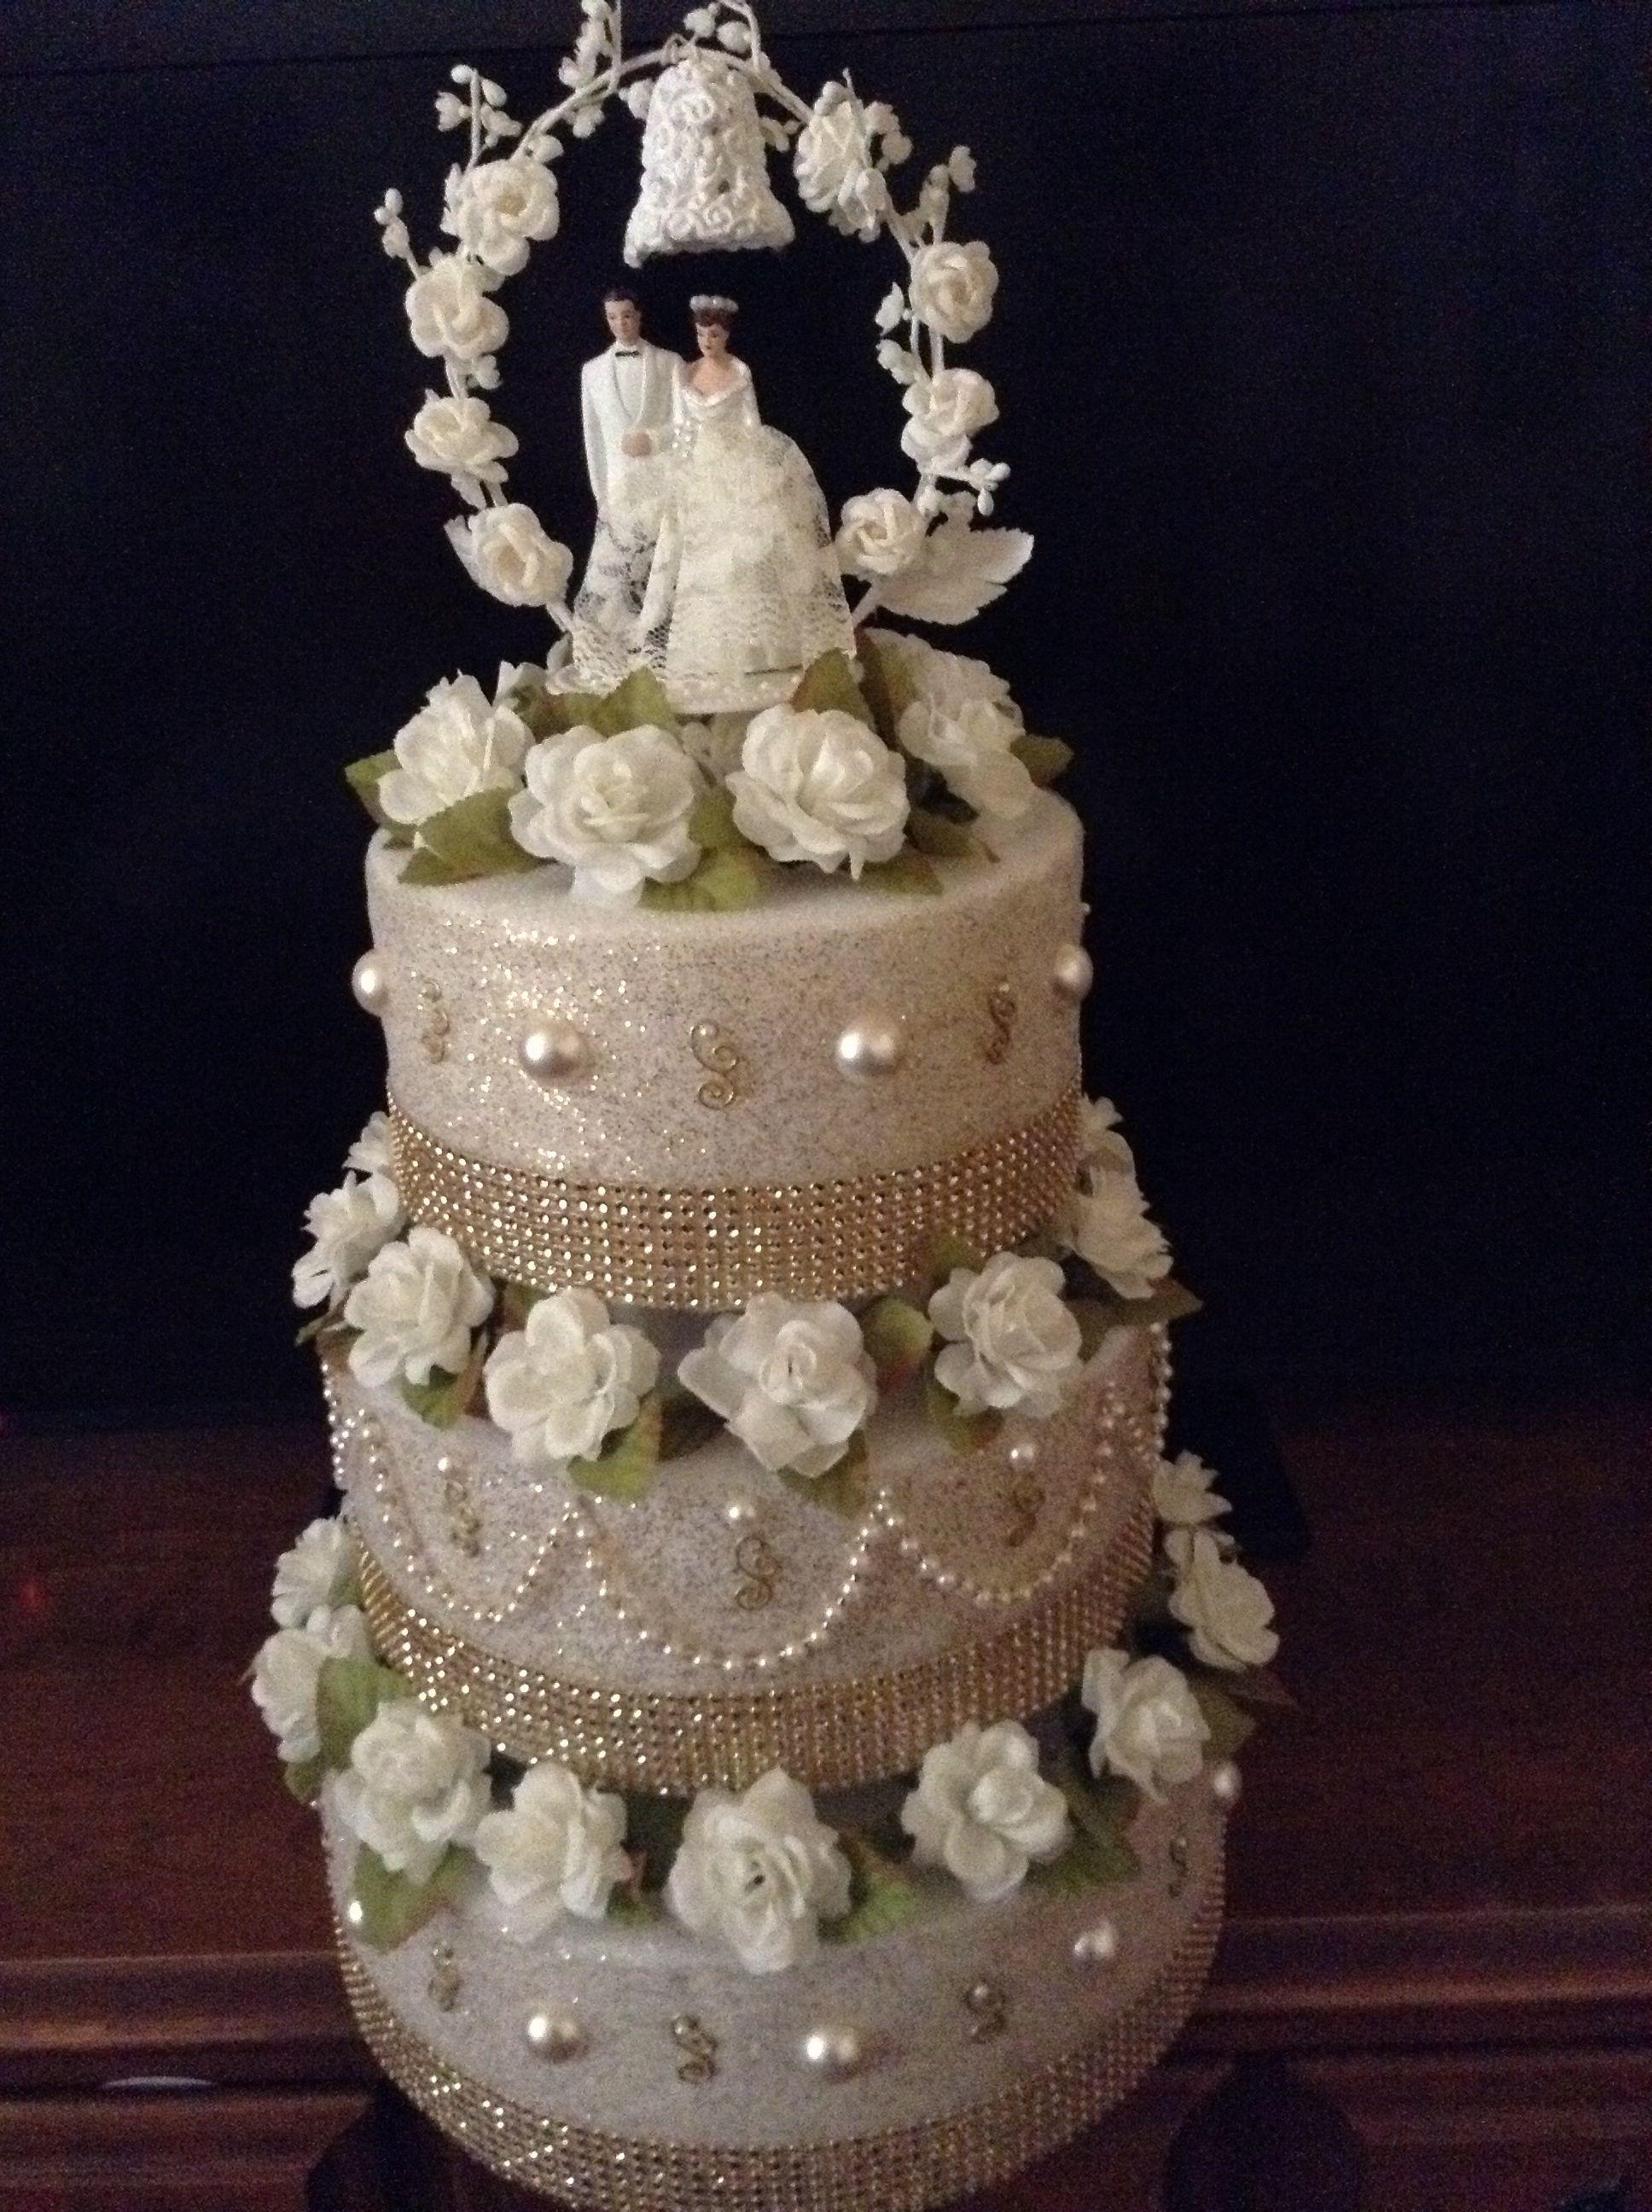 My 50th Anniversary Cake 50th anniversary cakes